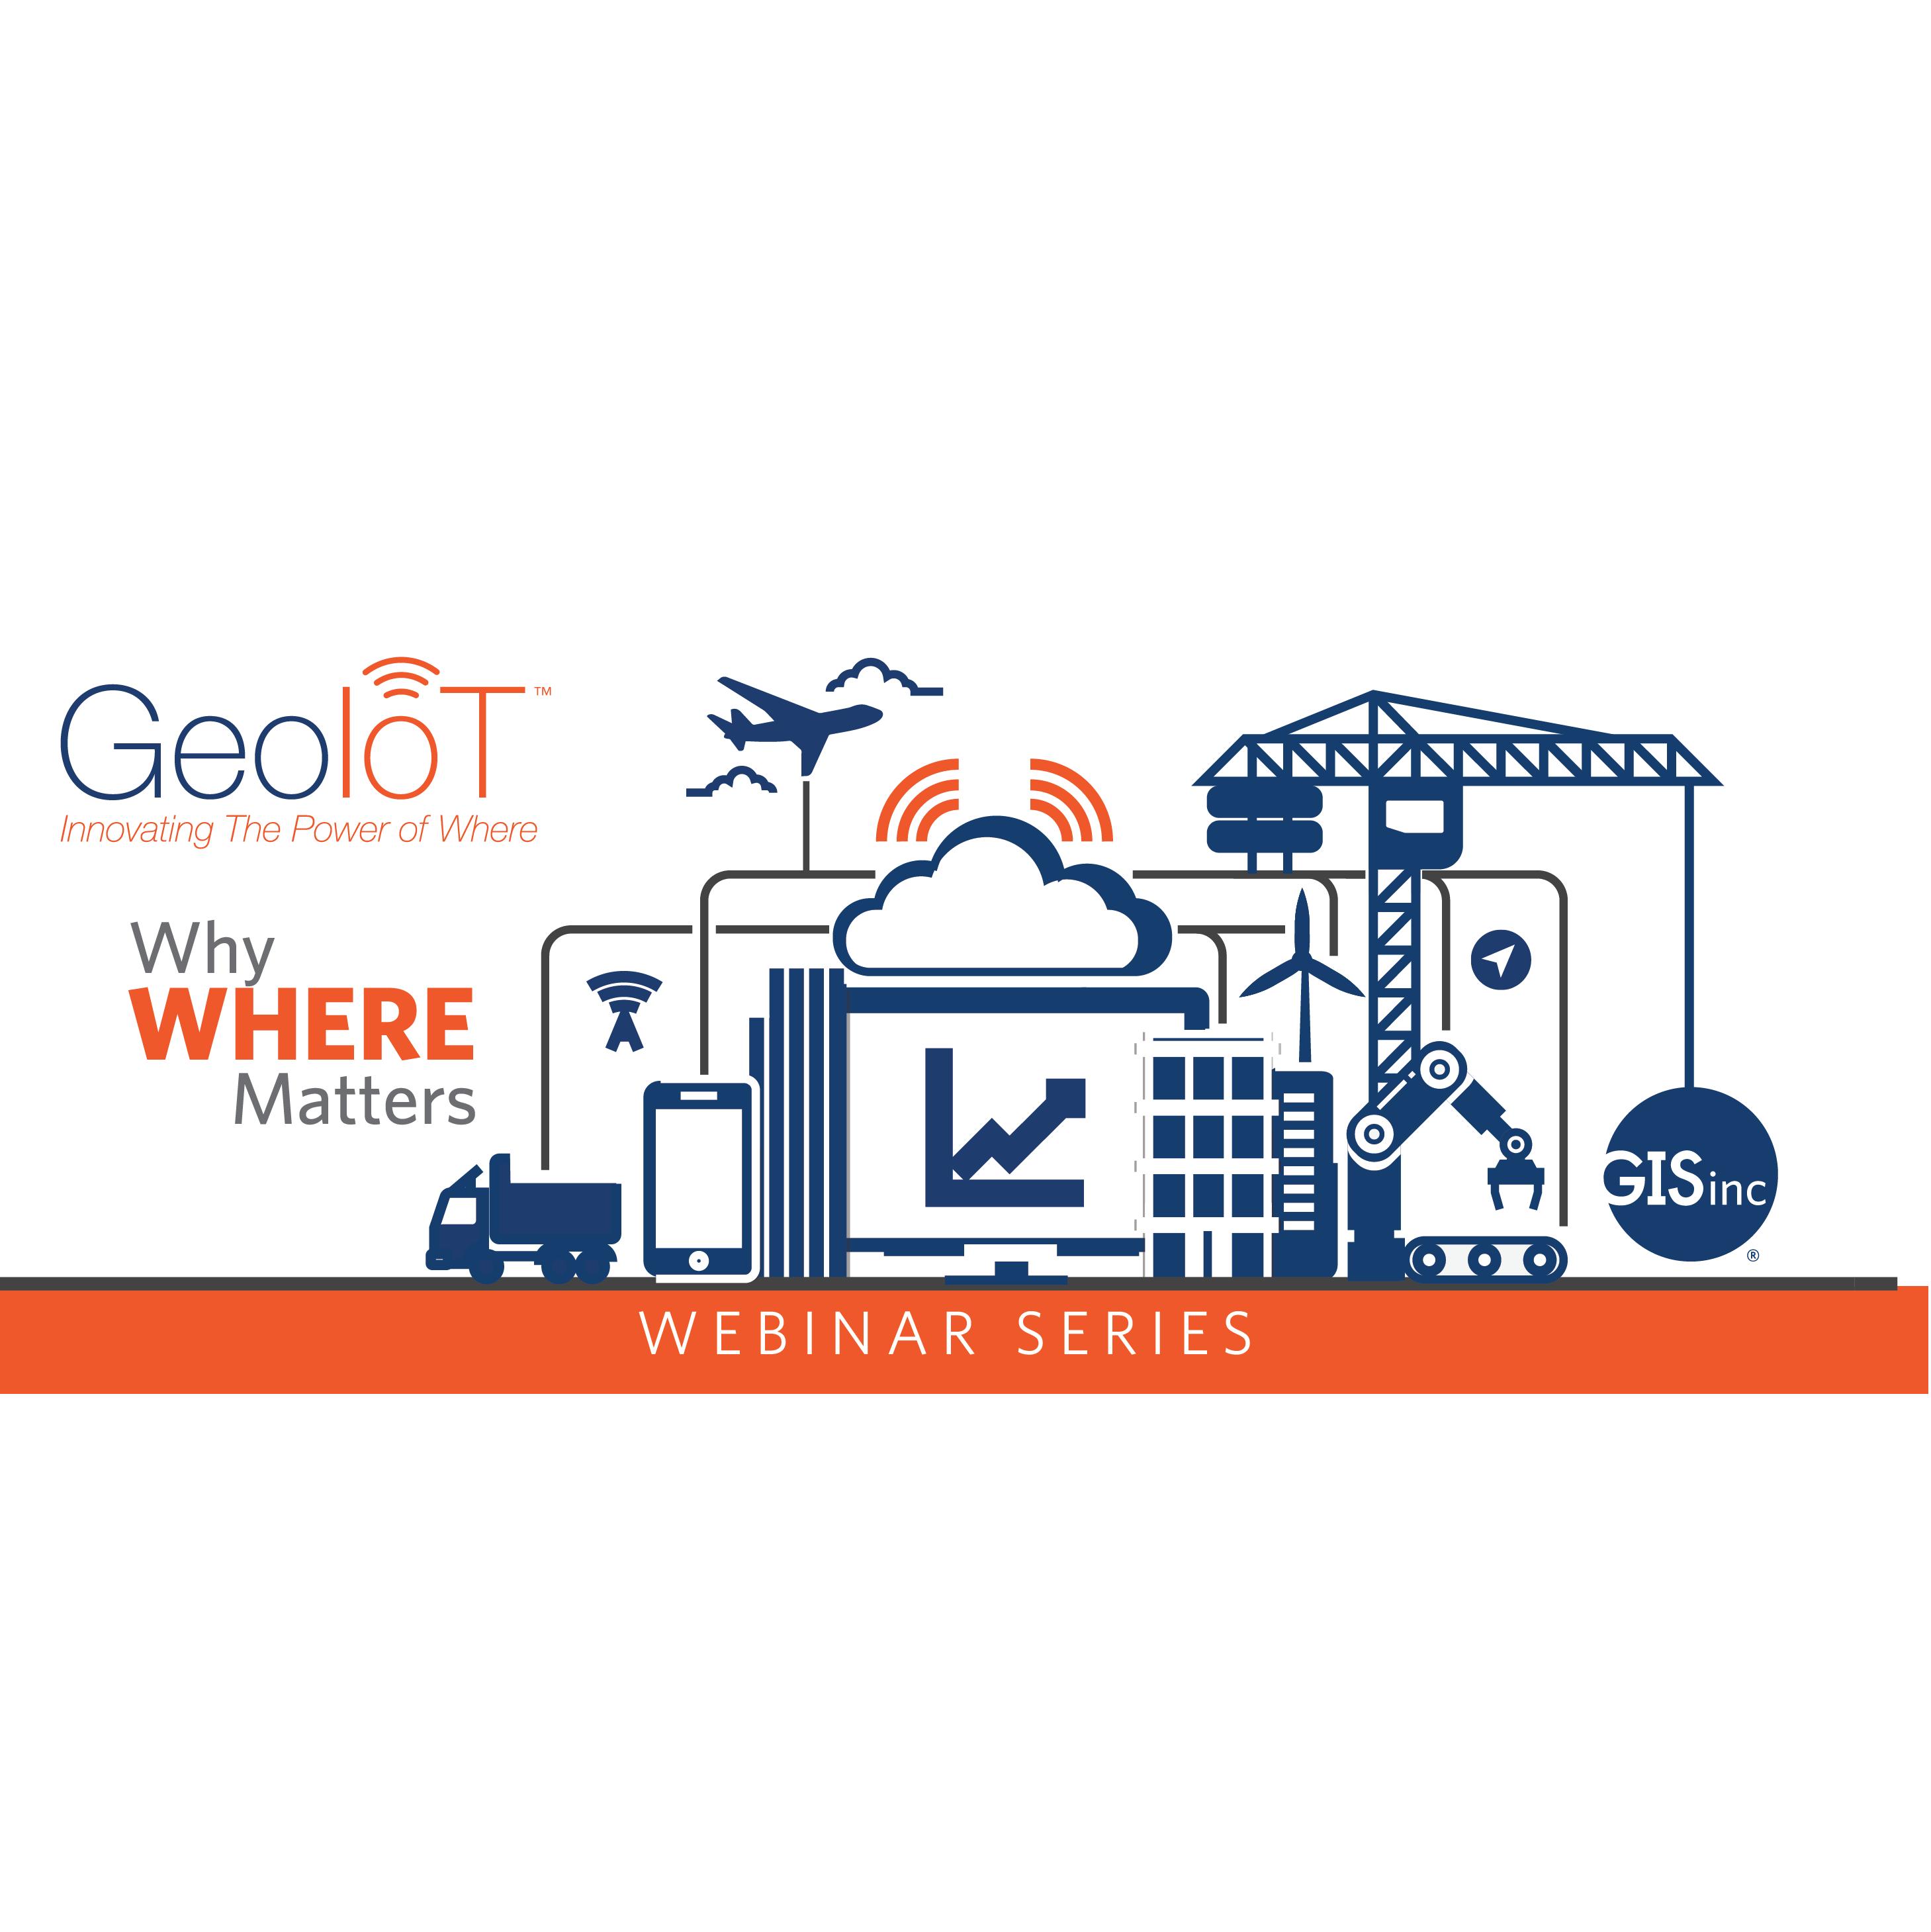 GeoIoT Webinar Series image